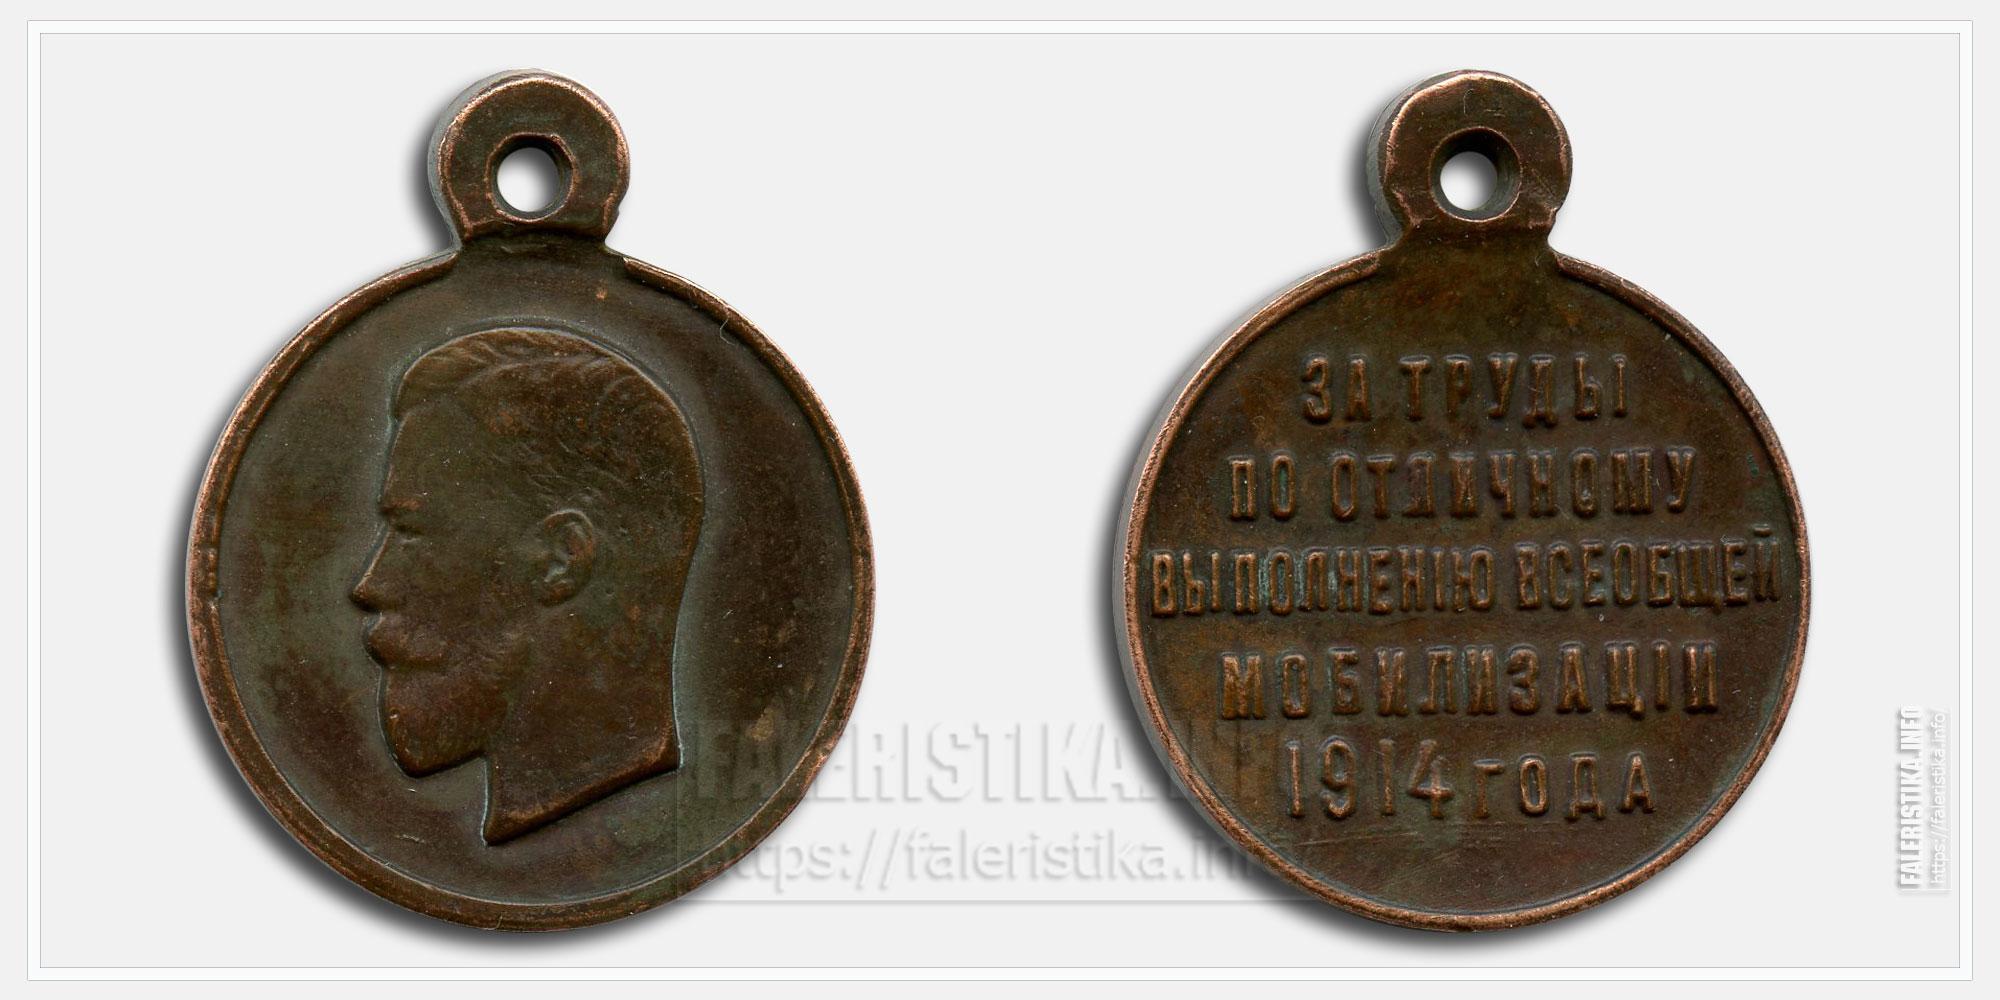 """Медаль """"За труды по отличному выполнению всеобщей мобилизации 1914"""" Частник"""